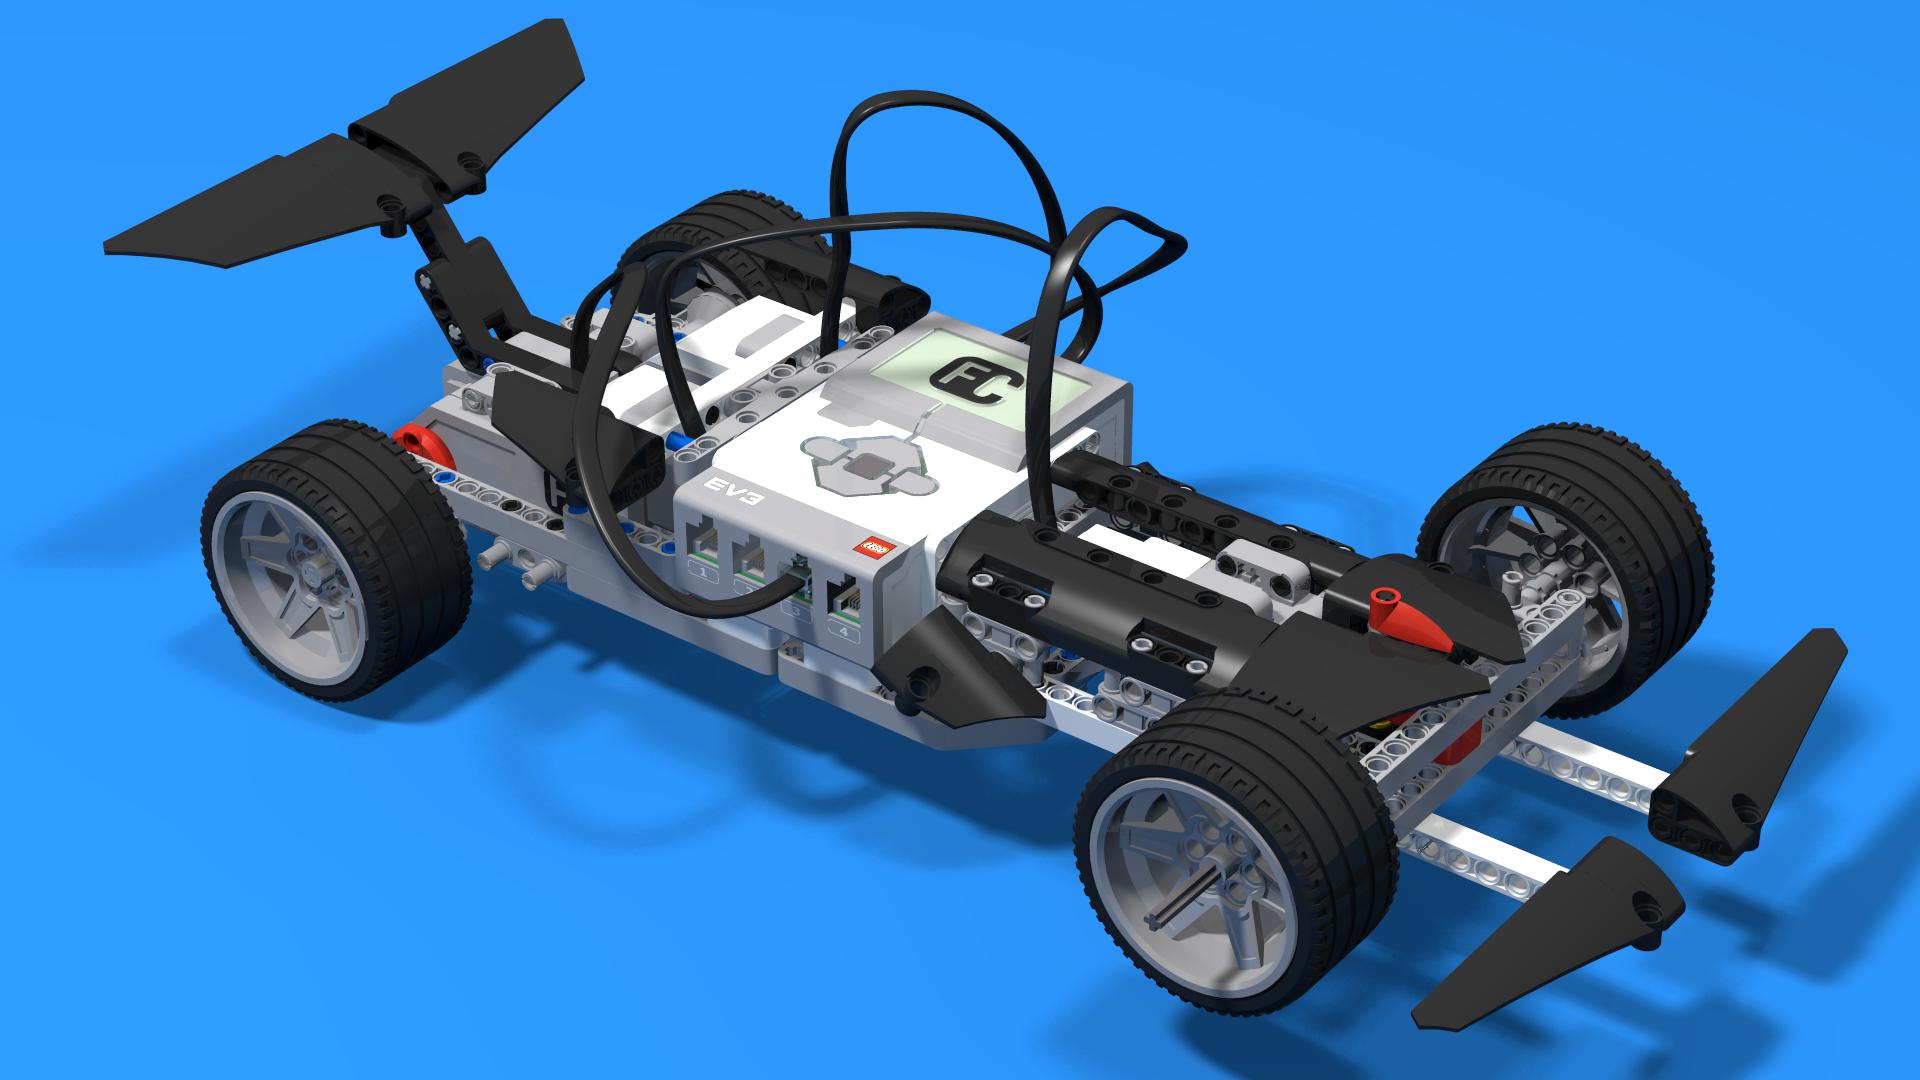 Fllcasts Comet A Lego Mindstorms Ev3 Formula 1 Racing Car